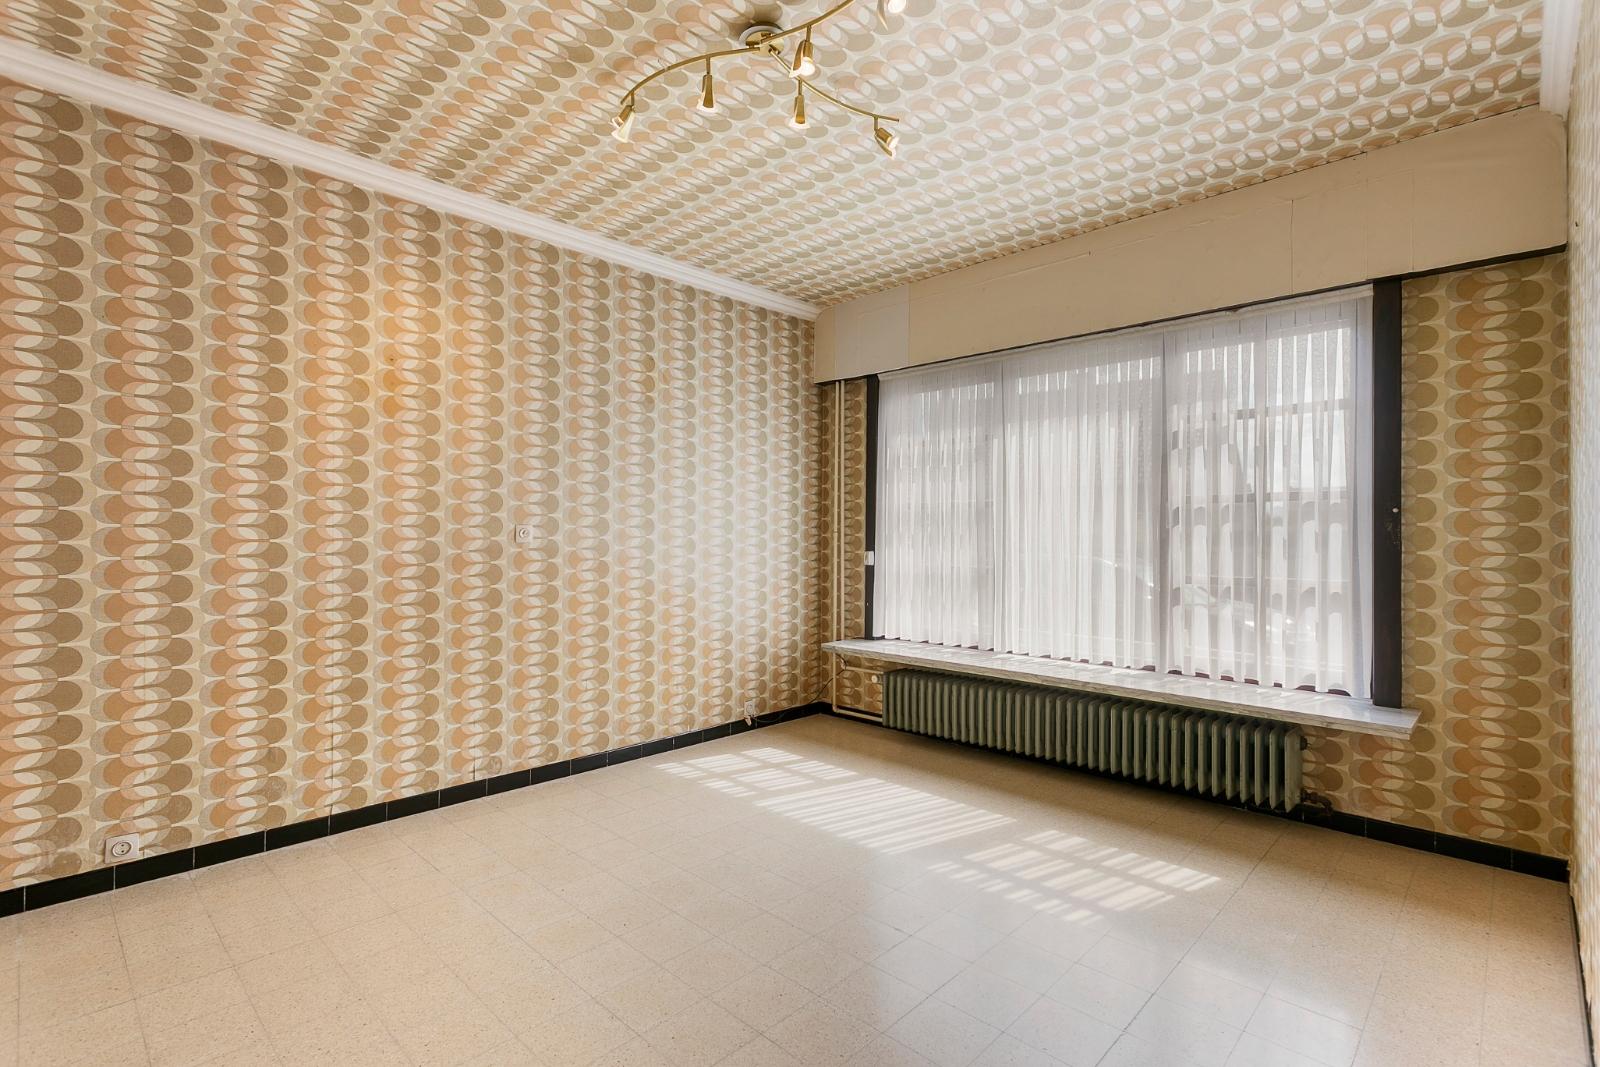 Vrijstaande, gelijkvloerse woning met garage en 3 slaapkamers te Koekelare - 8